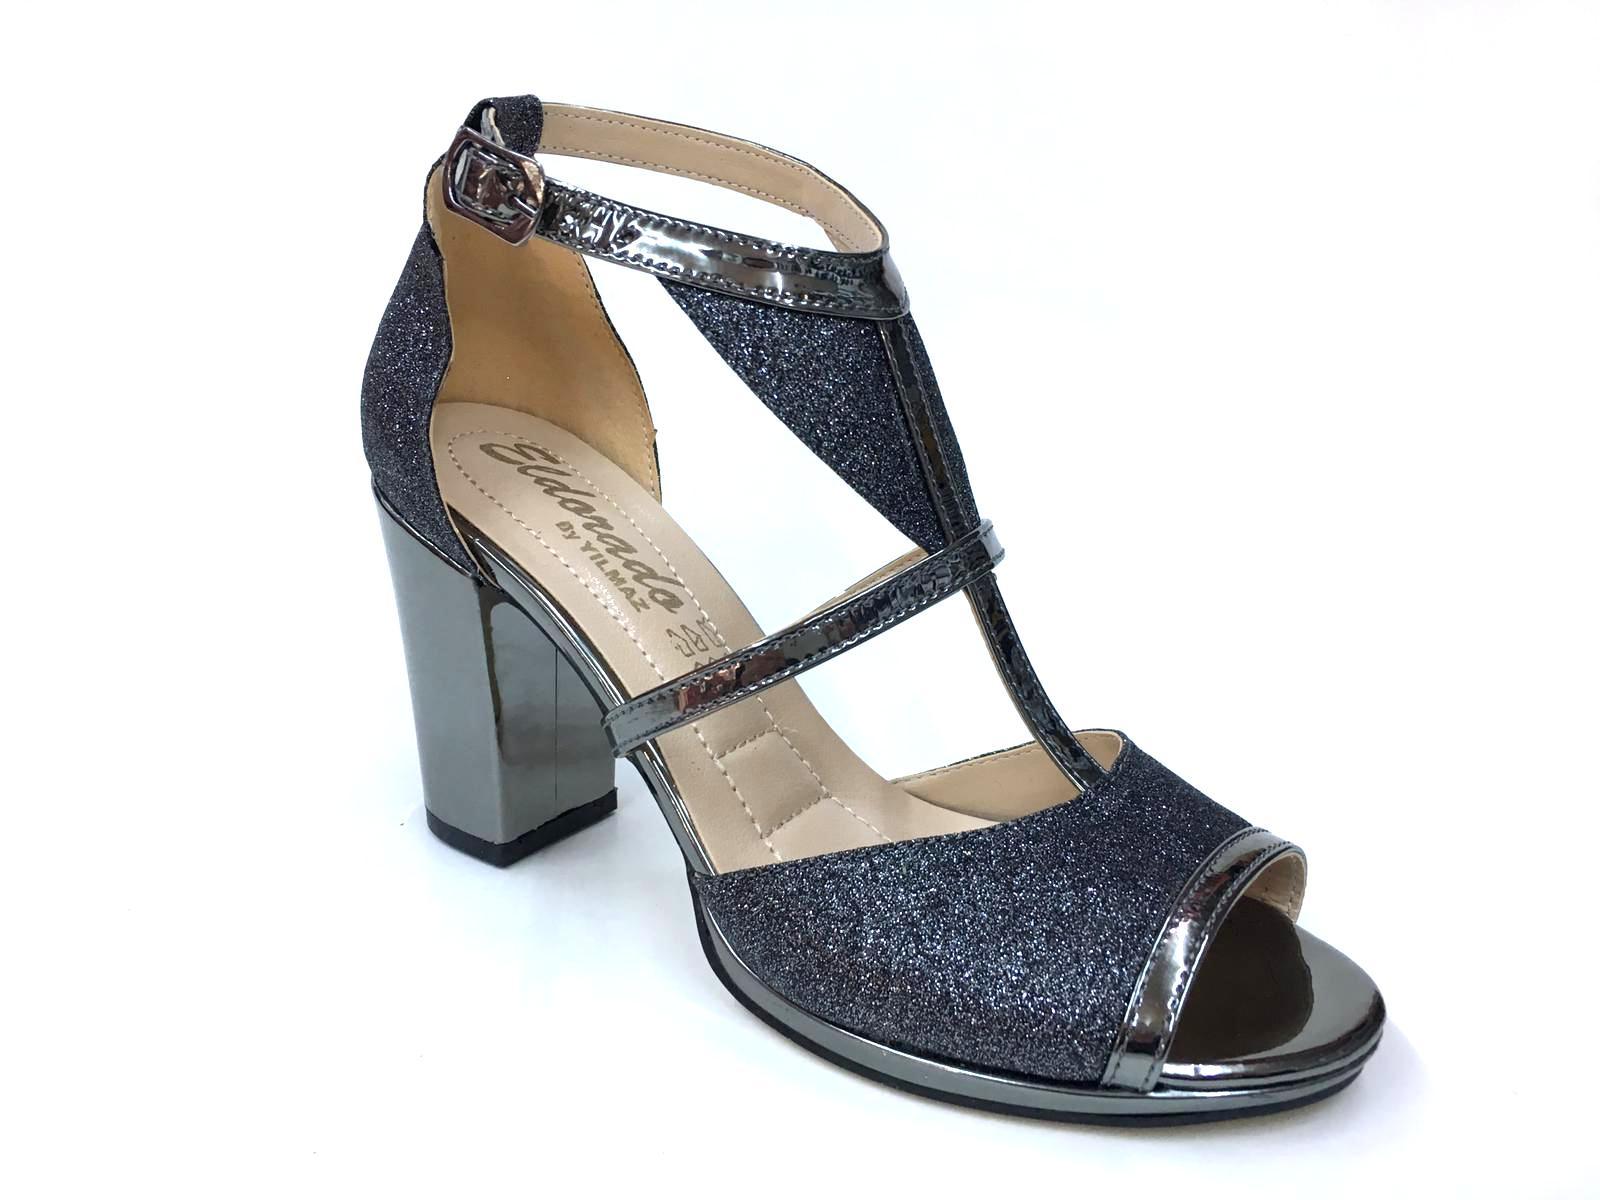 c8ae043a611ef Eldorado Altın Siyah Gümüş Platin Renk Topuklu Kadın Ayakkabı - n11.com